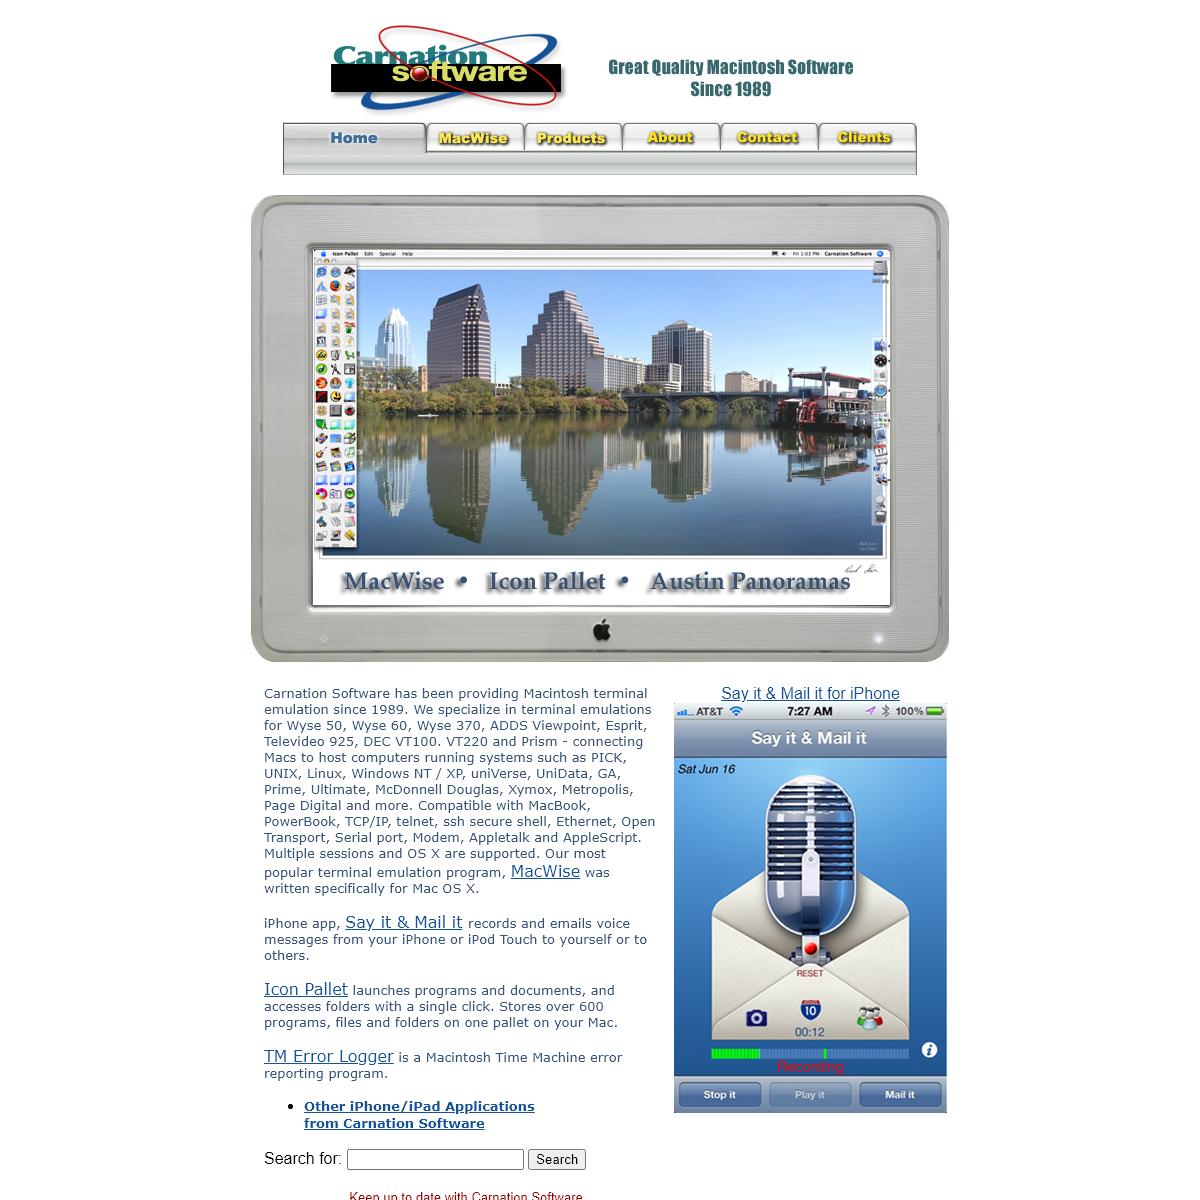 Carnation Software - Macintosh Terminal Emulation - MacWise telnet - serial